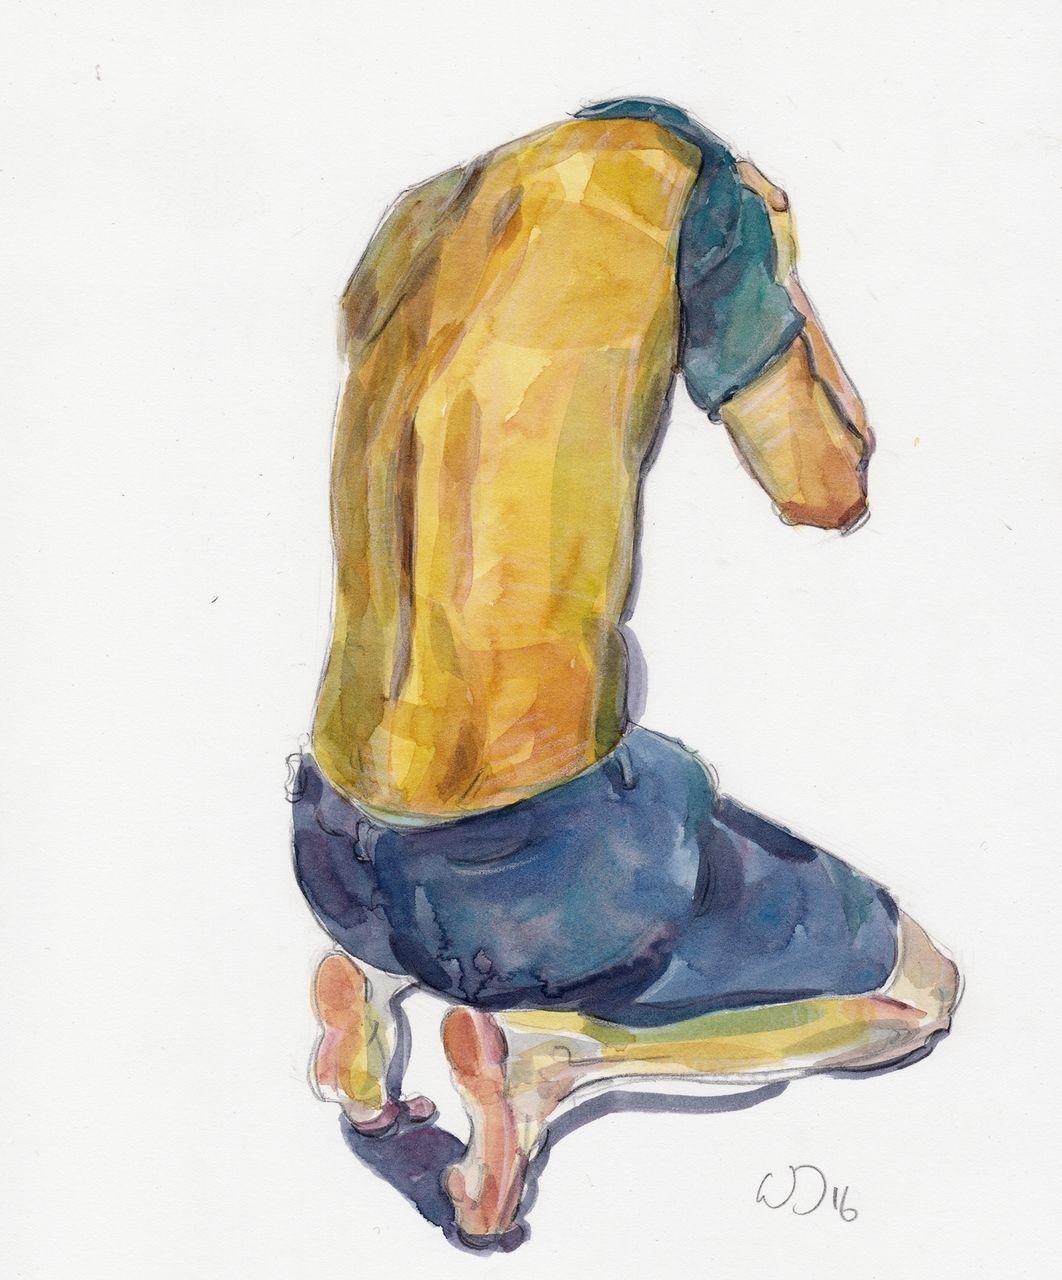 Ausziehen 3 - Akt, Bewegung, Anatomie, Rücken von Daniel Wimmer bei ...